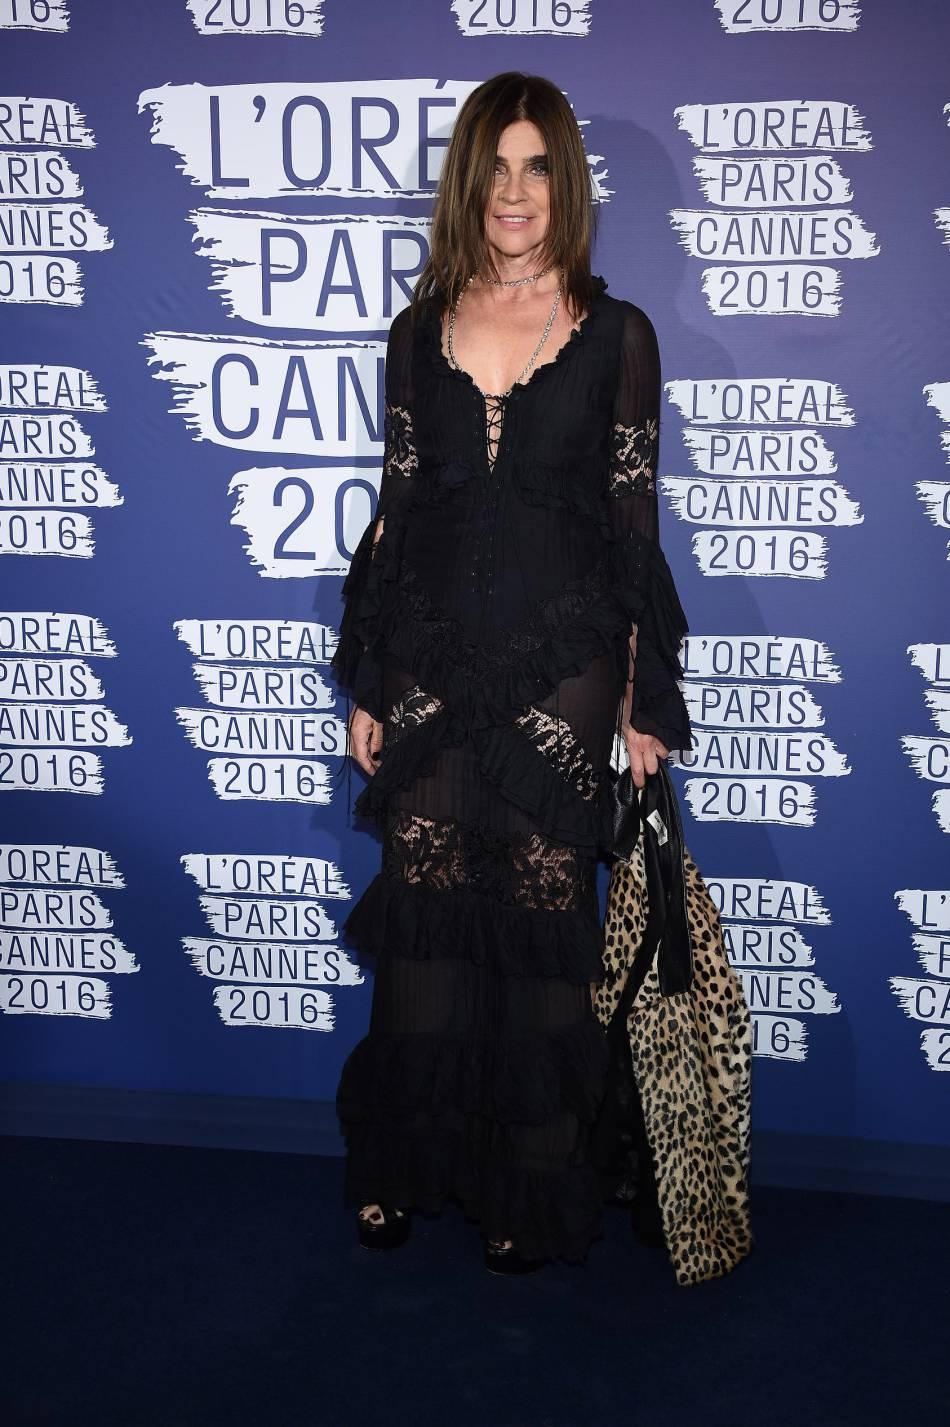 Carine Roitfeld, grande prêtresse de la mode, était de la partie.